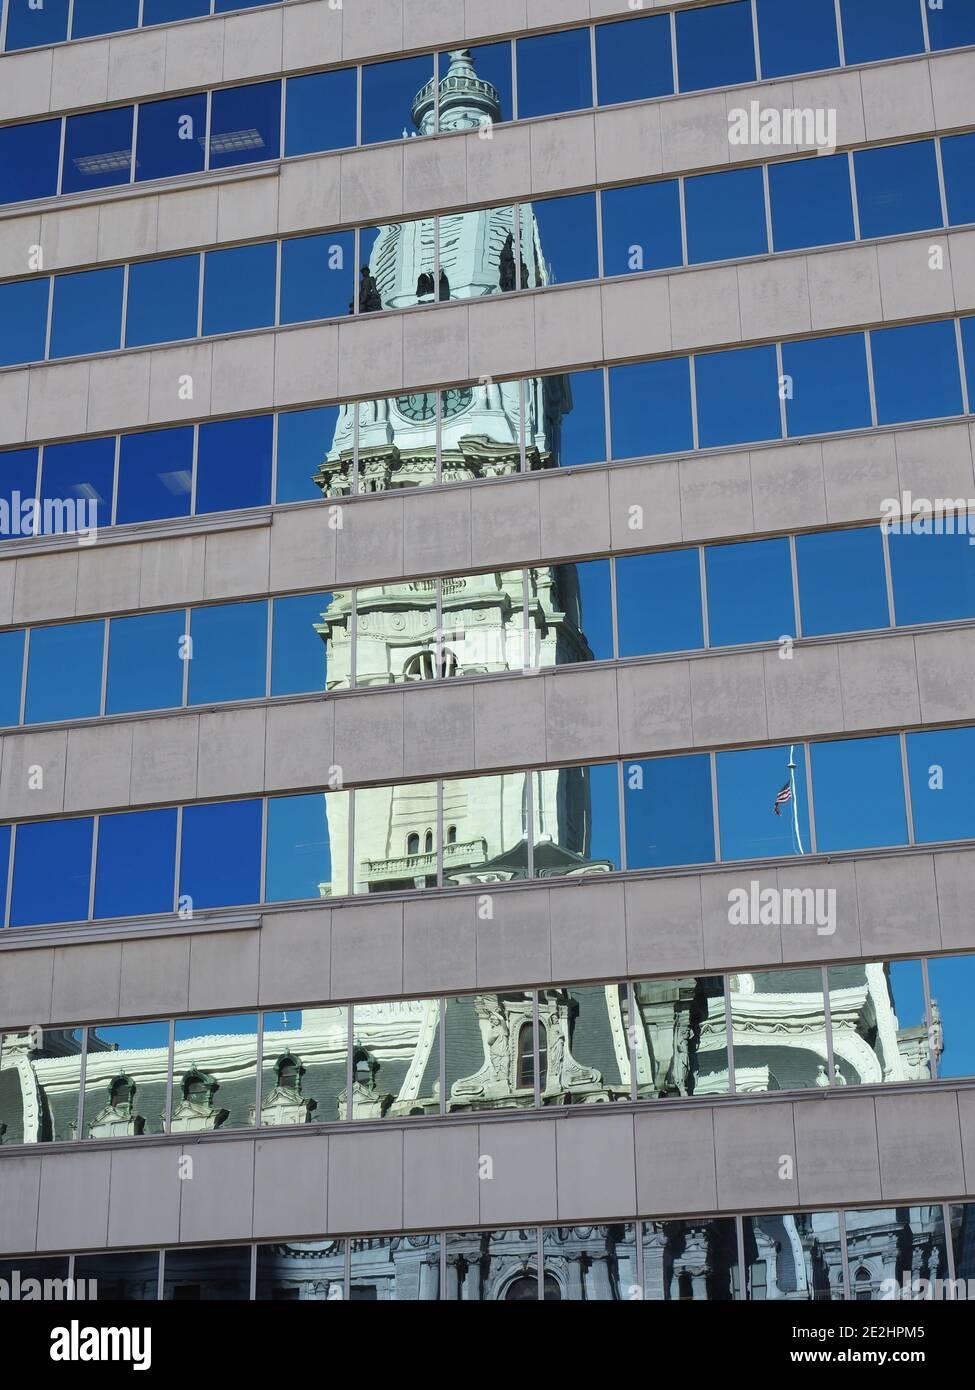 Imagen del Ayuntamiento de Filadelfia que se refleja en los edificios cercanos. Foto de stock